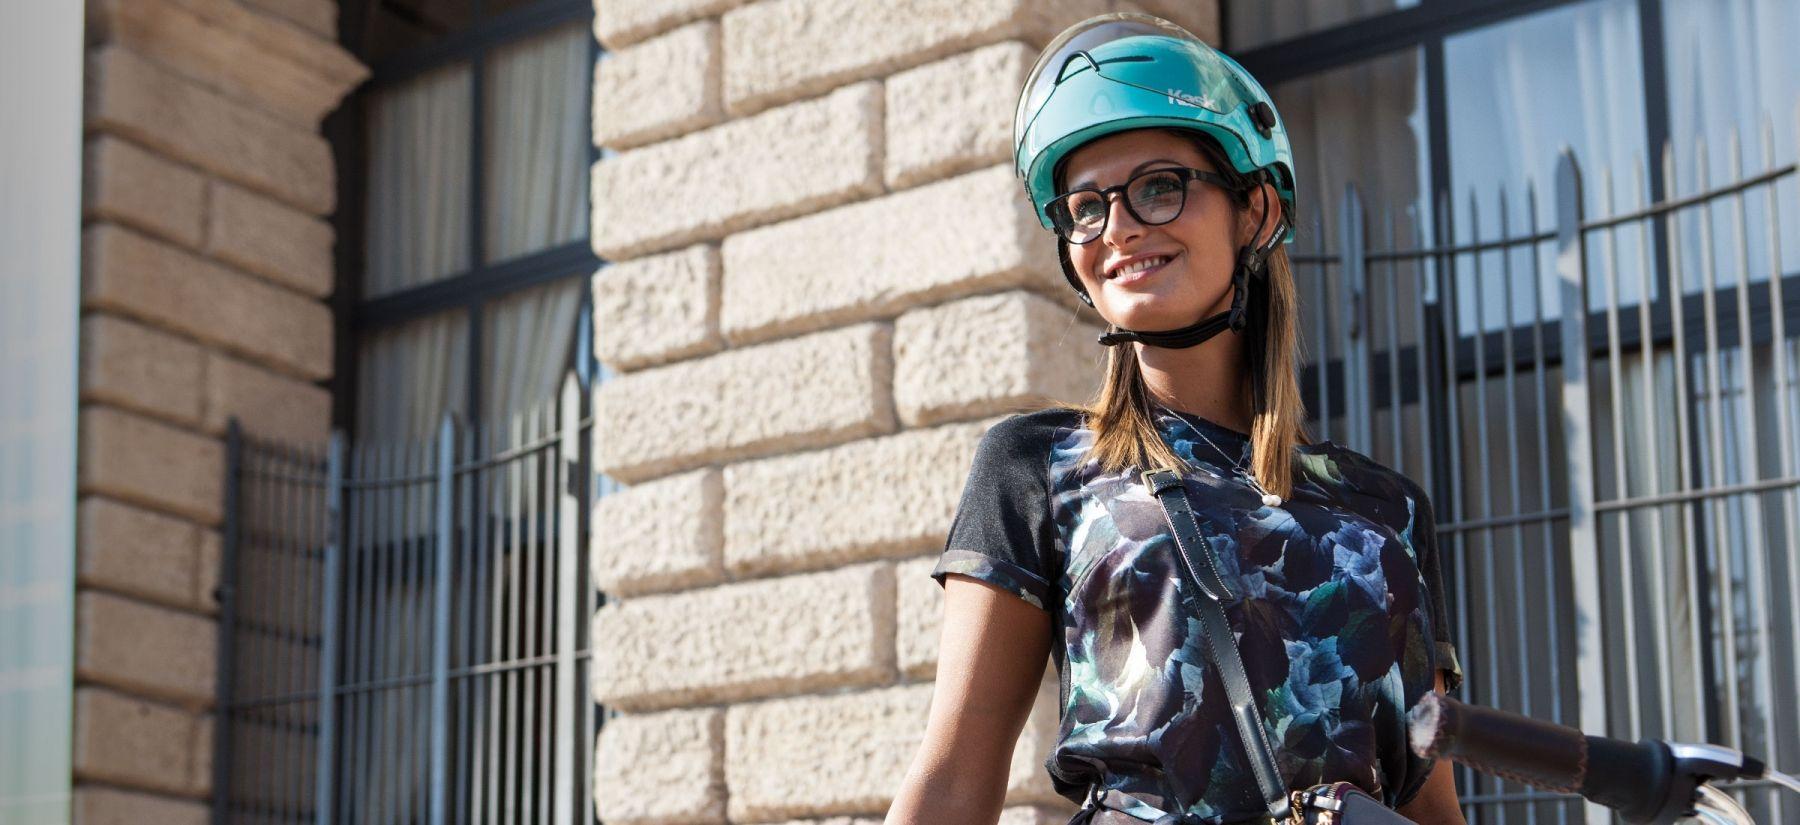 Femme portant un casque bleu Kask lifestyle